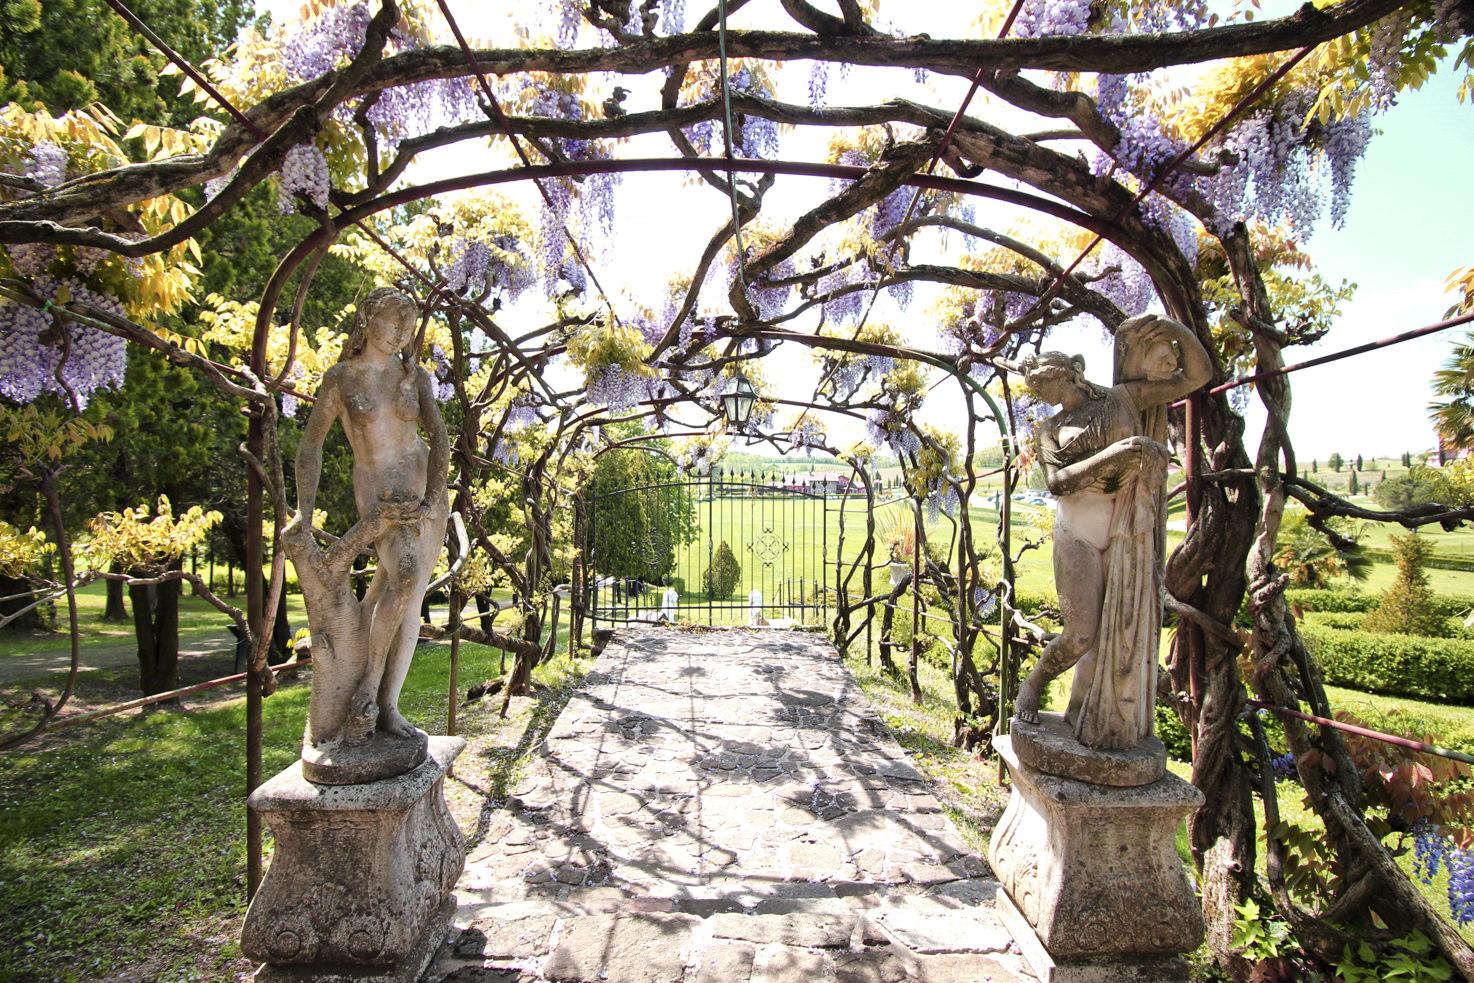 Wisteria path in the gardens